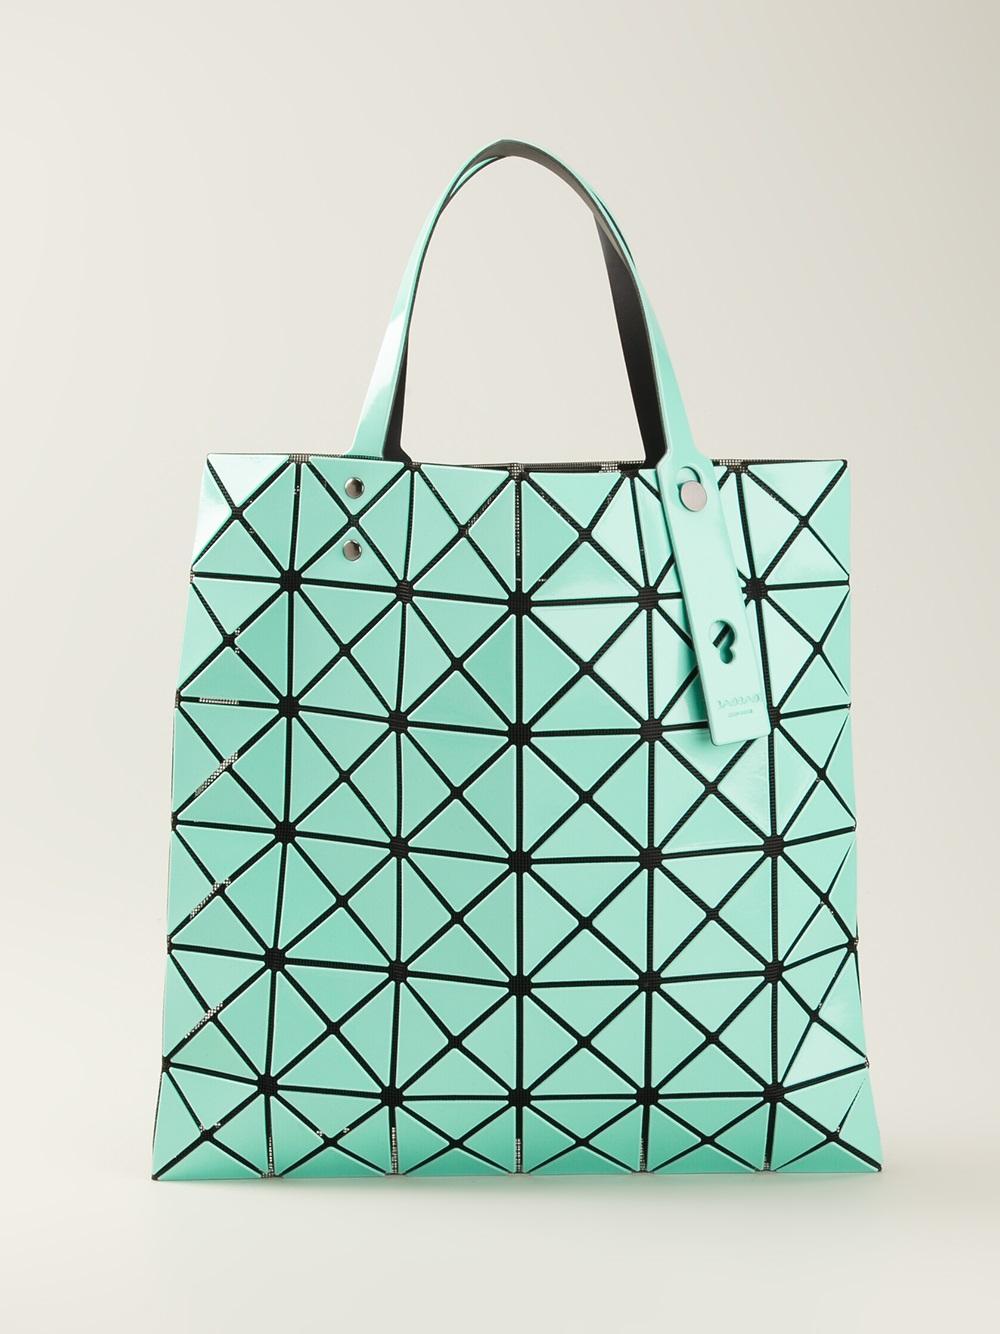 Lyst - Bao Bao Issey Miyake Geometric Panel Tote Bag in Blue 9c8e597d0da59